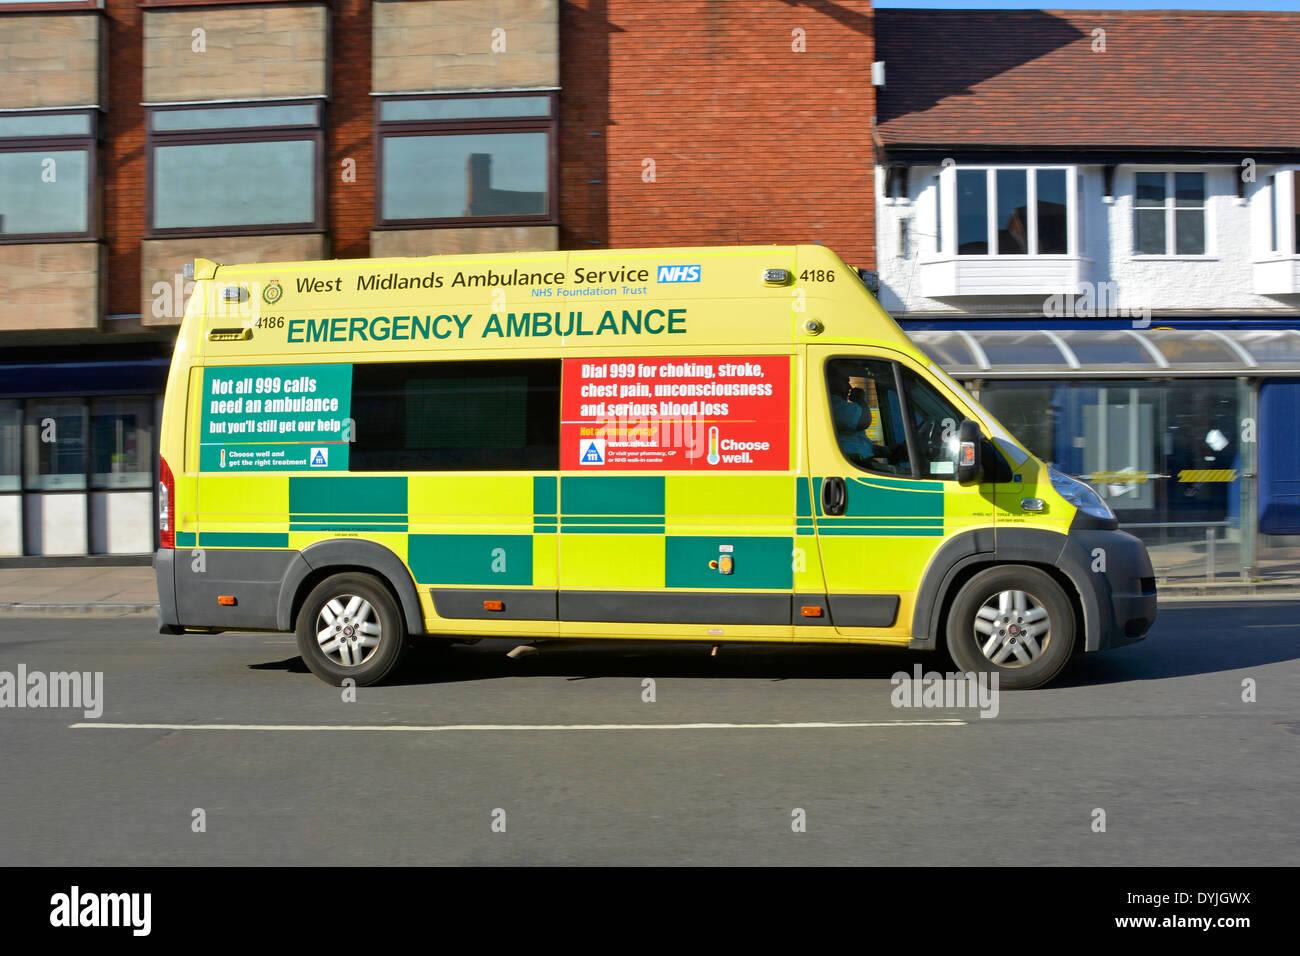 West Midlands NHS emergency ambulance with advertising panels explaining the correct use of 999 calls Stratford upon Avon Warwickshire England UK - Stock Image